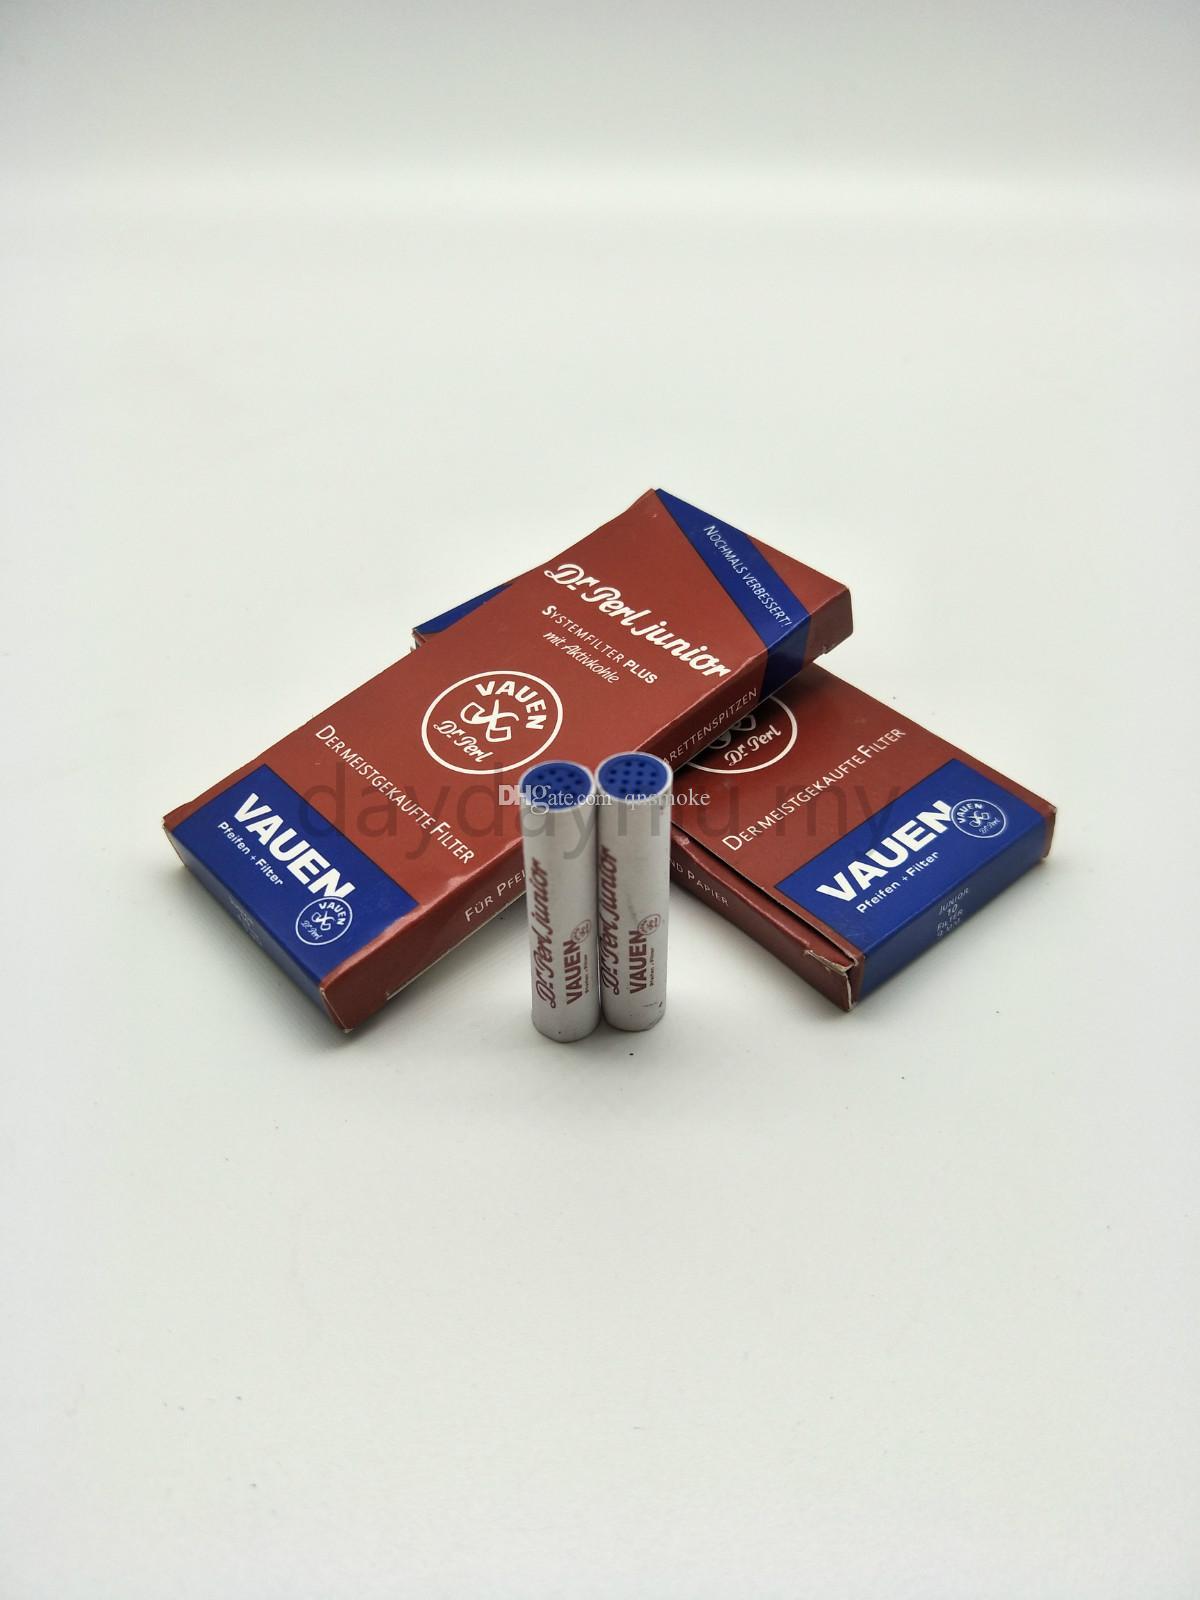 9mm filtre à tuyau Huayun filtre à charbon actif 50 bâtonnets de tabac à pipe